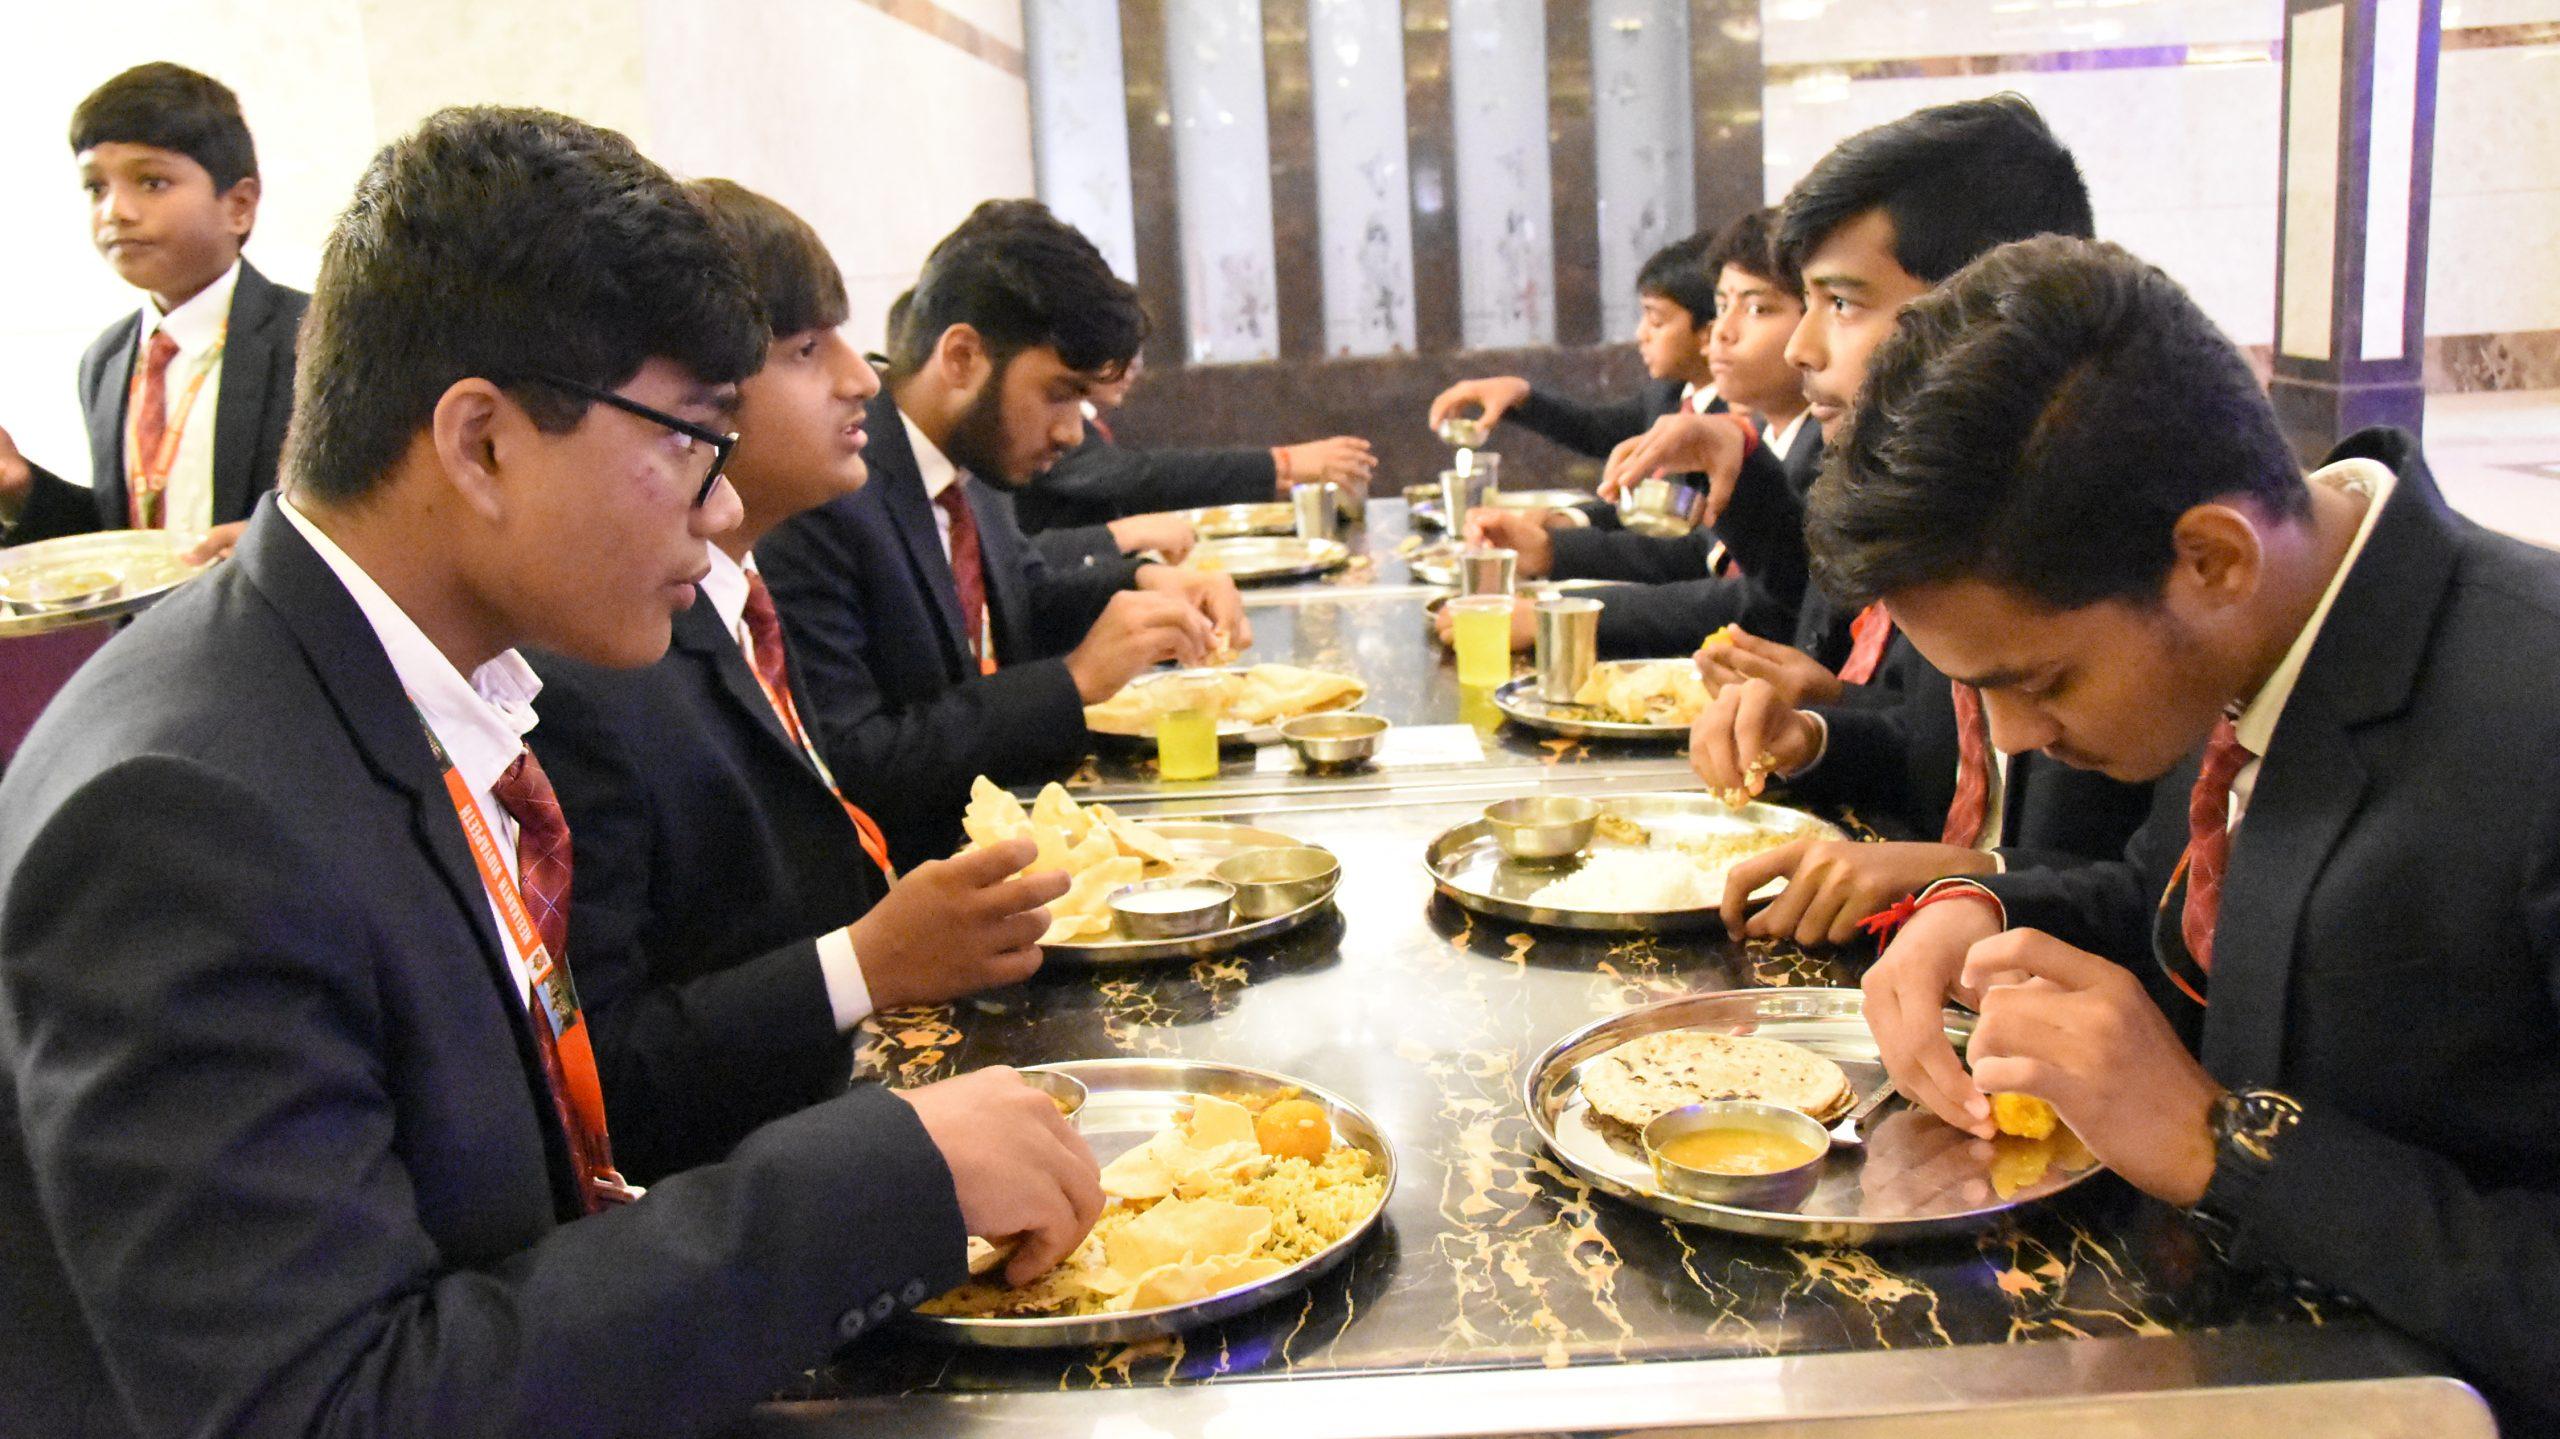 SHREE NEELAKANTH VIDYAPEETH Dinning Hall